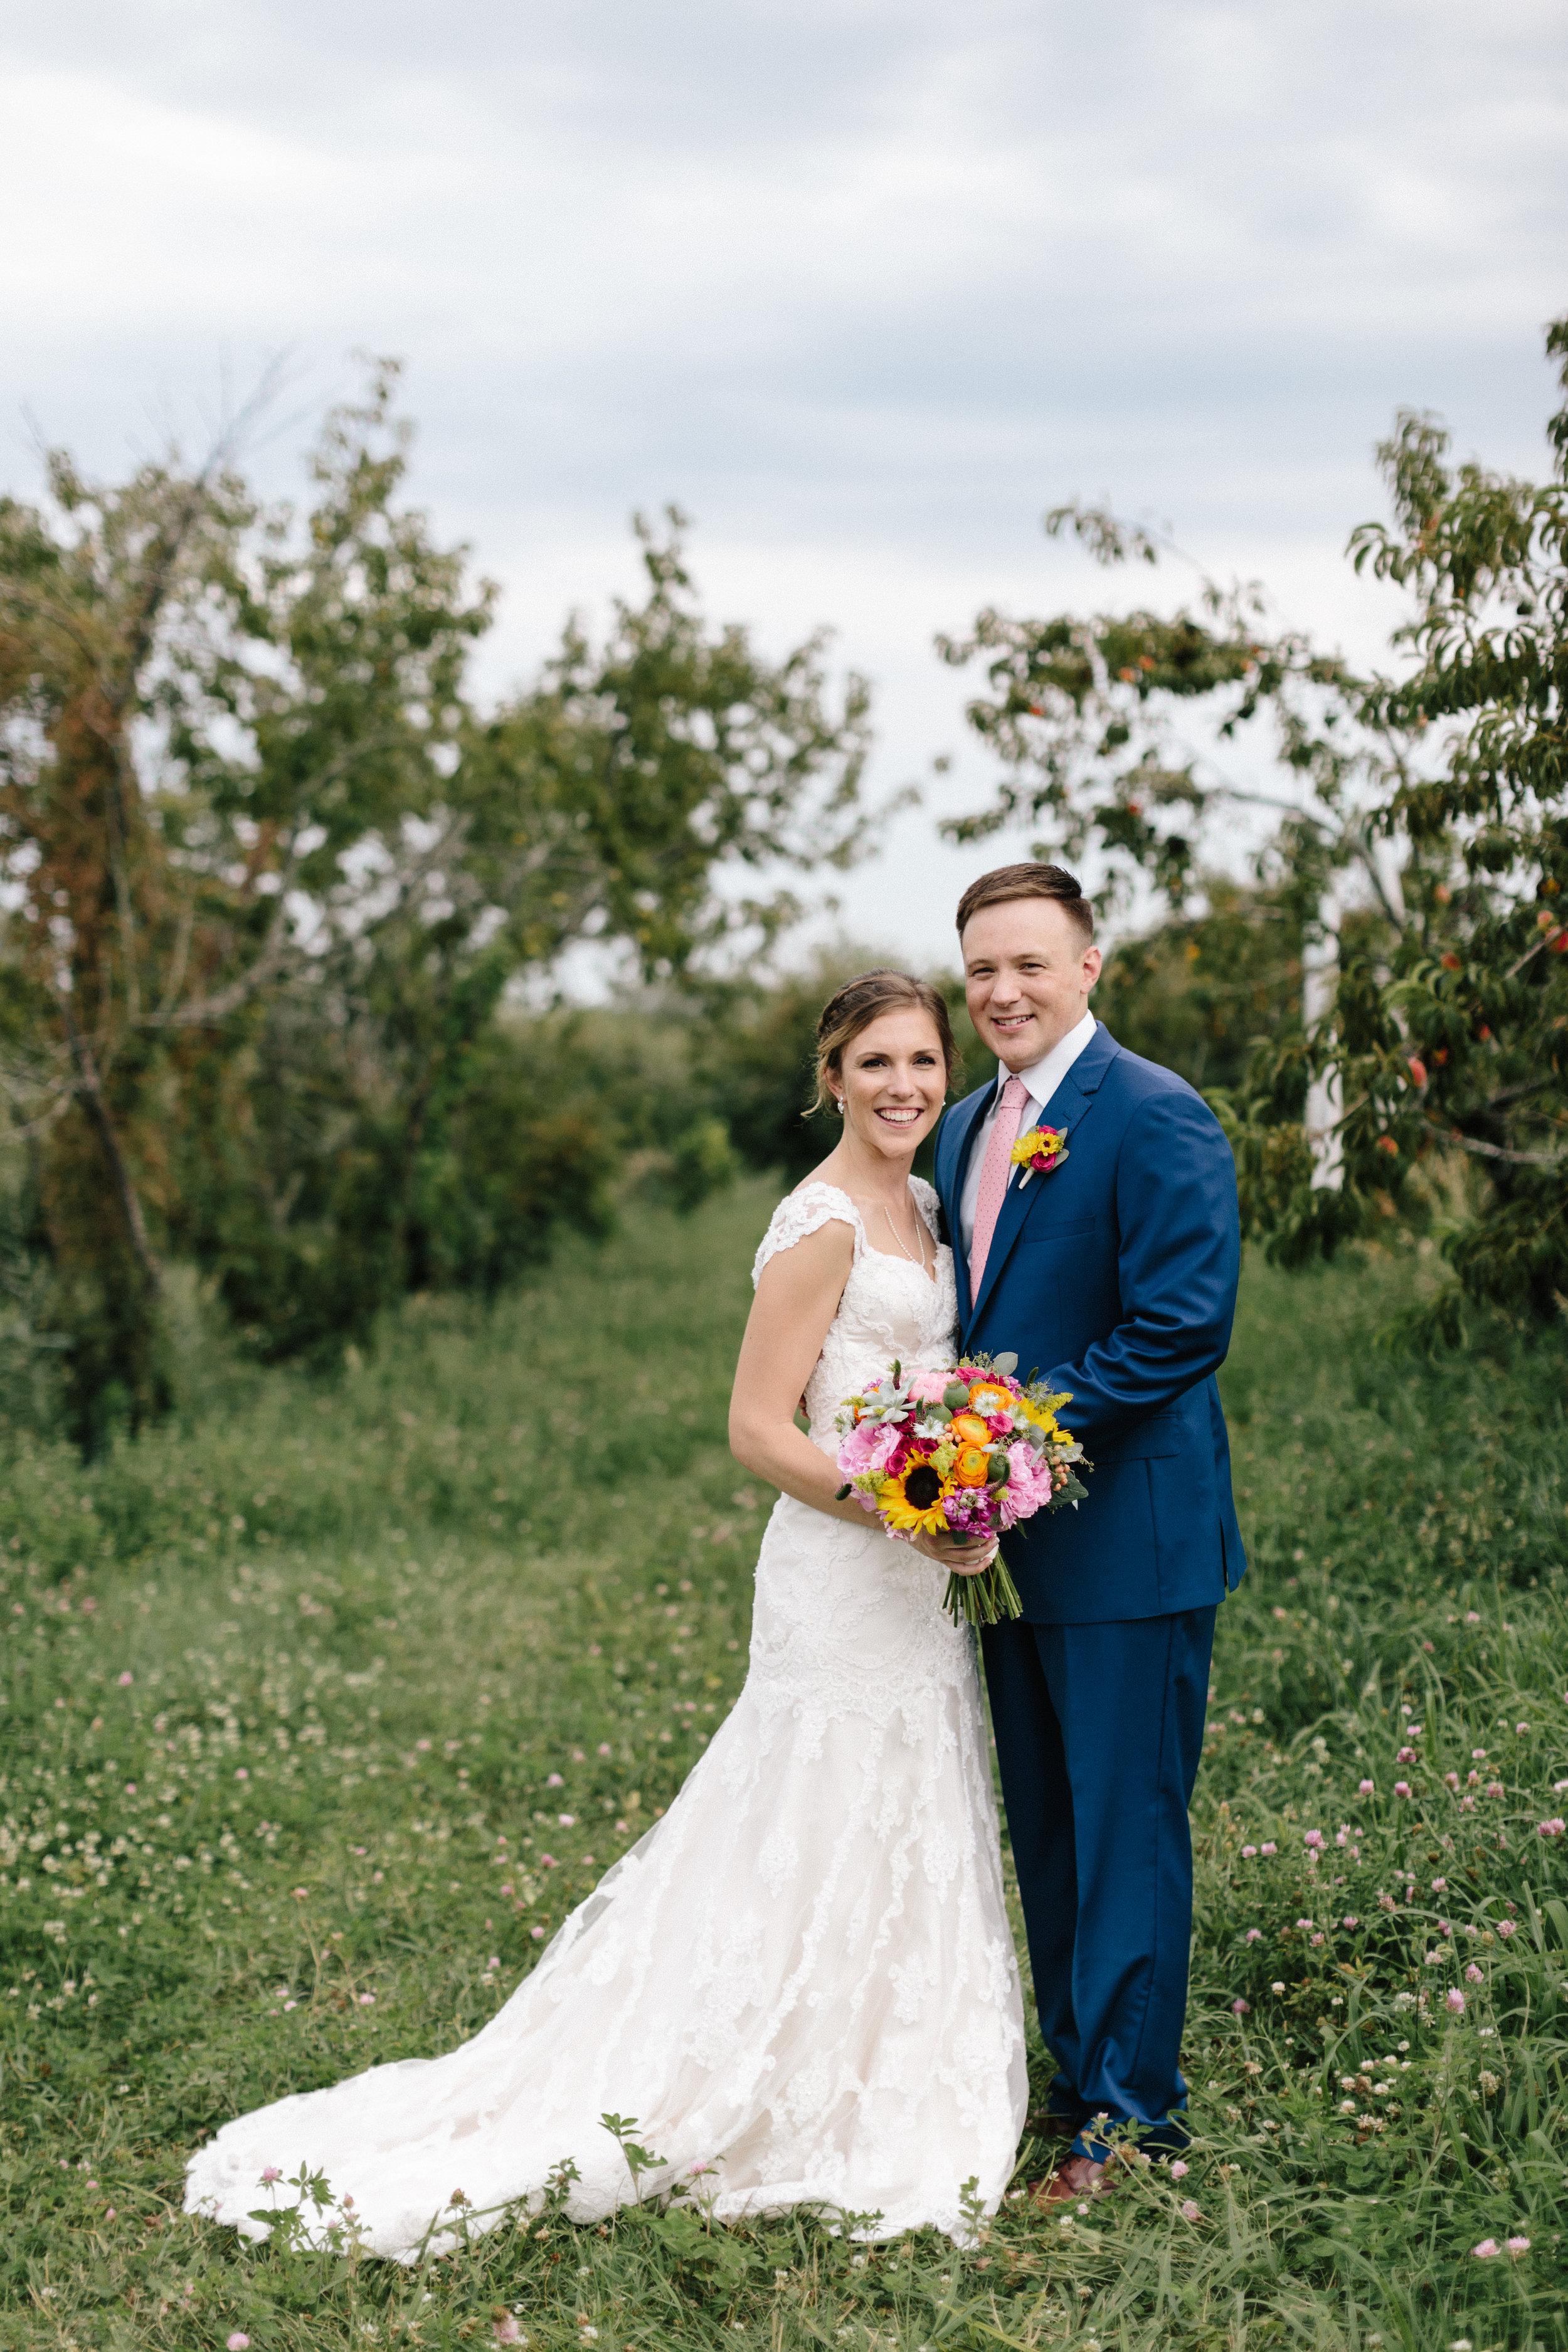 alyssa barletter photography weston missouri bright summer wedding allie and alex cole-25.jpg